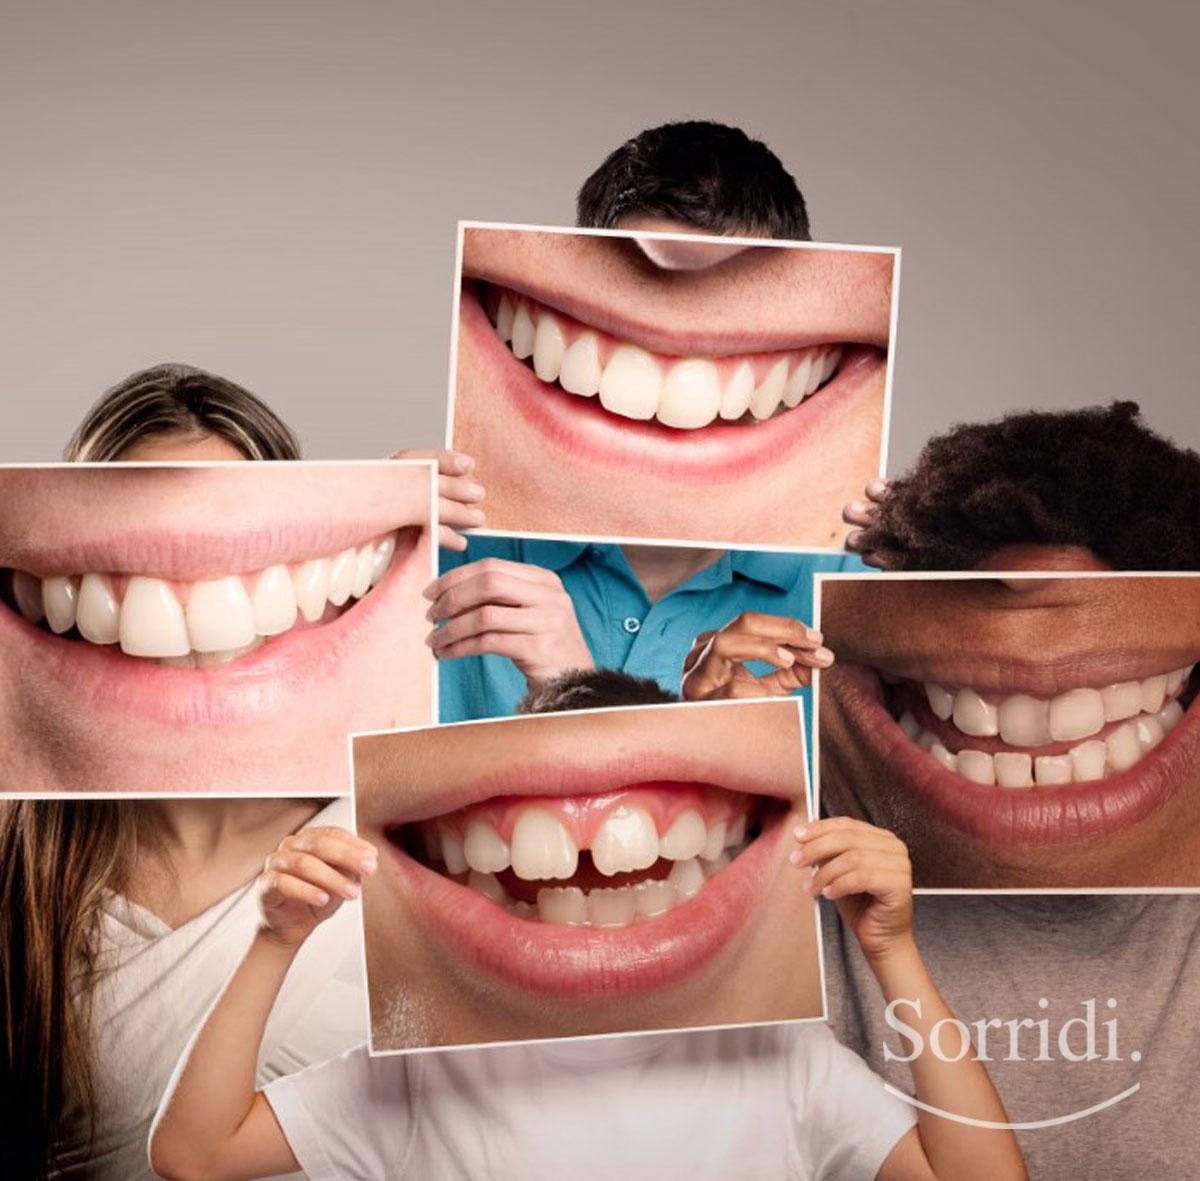 sorridi-ch-magazine-malocclusioni-dentali-di-bambini-e-adulti